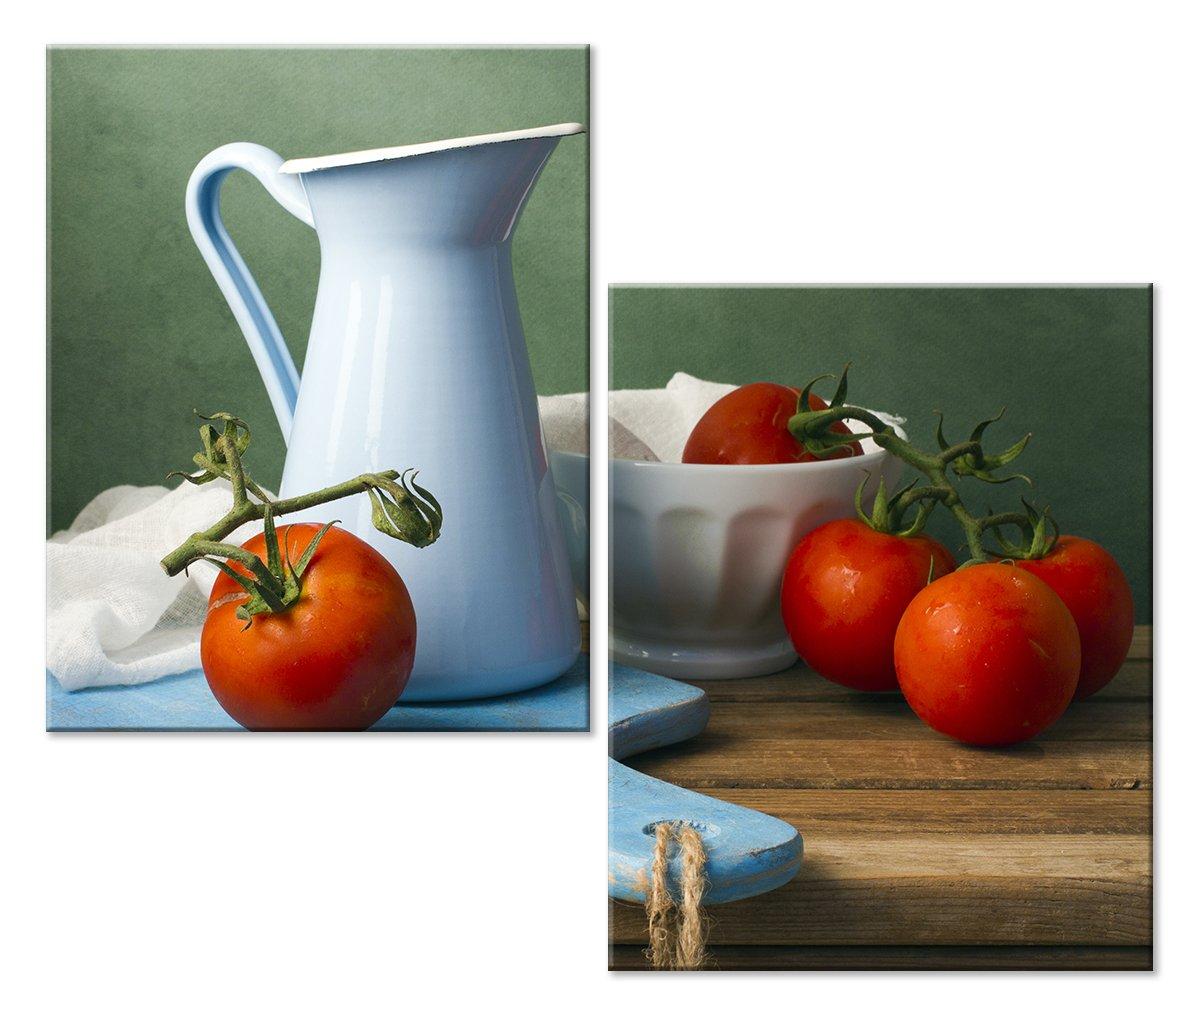 Модульная картина «Натюрморт с томатами»Натюрморт<br>Модульная картина на натуральном холсте и деревянном подрамнике. Подвес в комплекте. Трехслойная надежная упаковка. Доставим в любую точку России. Вам осталось только повесить картину на стену!<br>